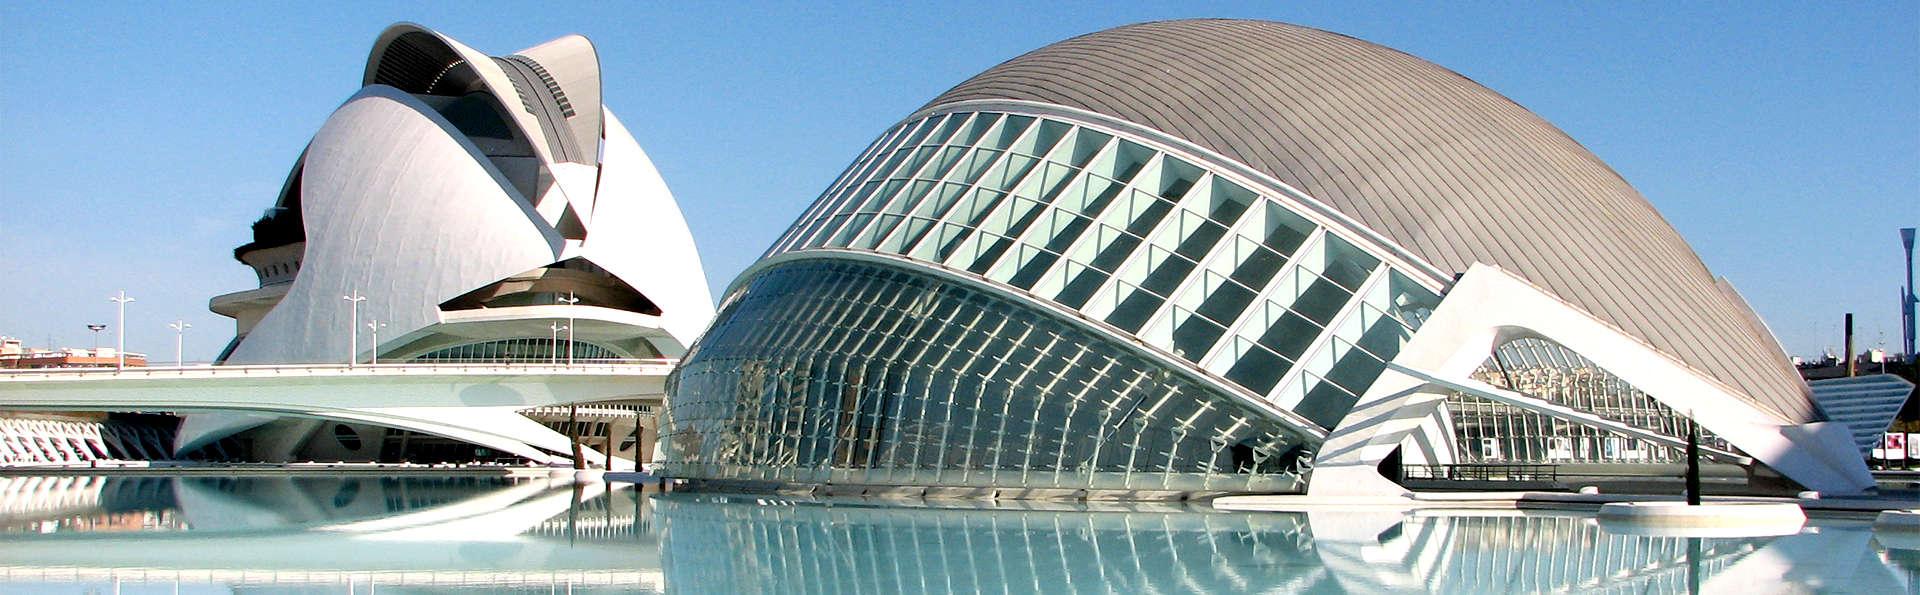 Découvrez Valence en famille et profitez des entrées pour l'Oceanografíc inclus